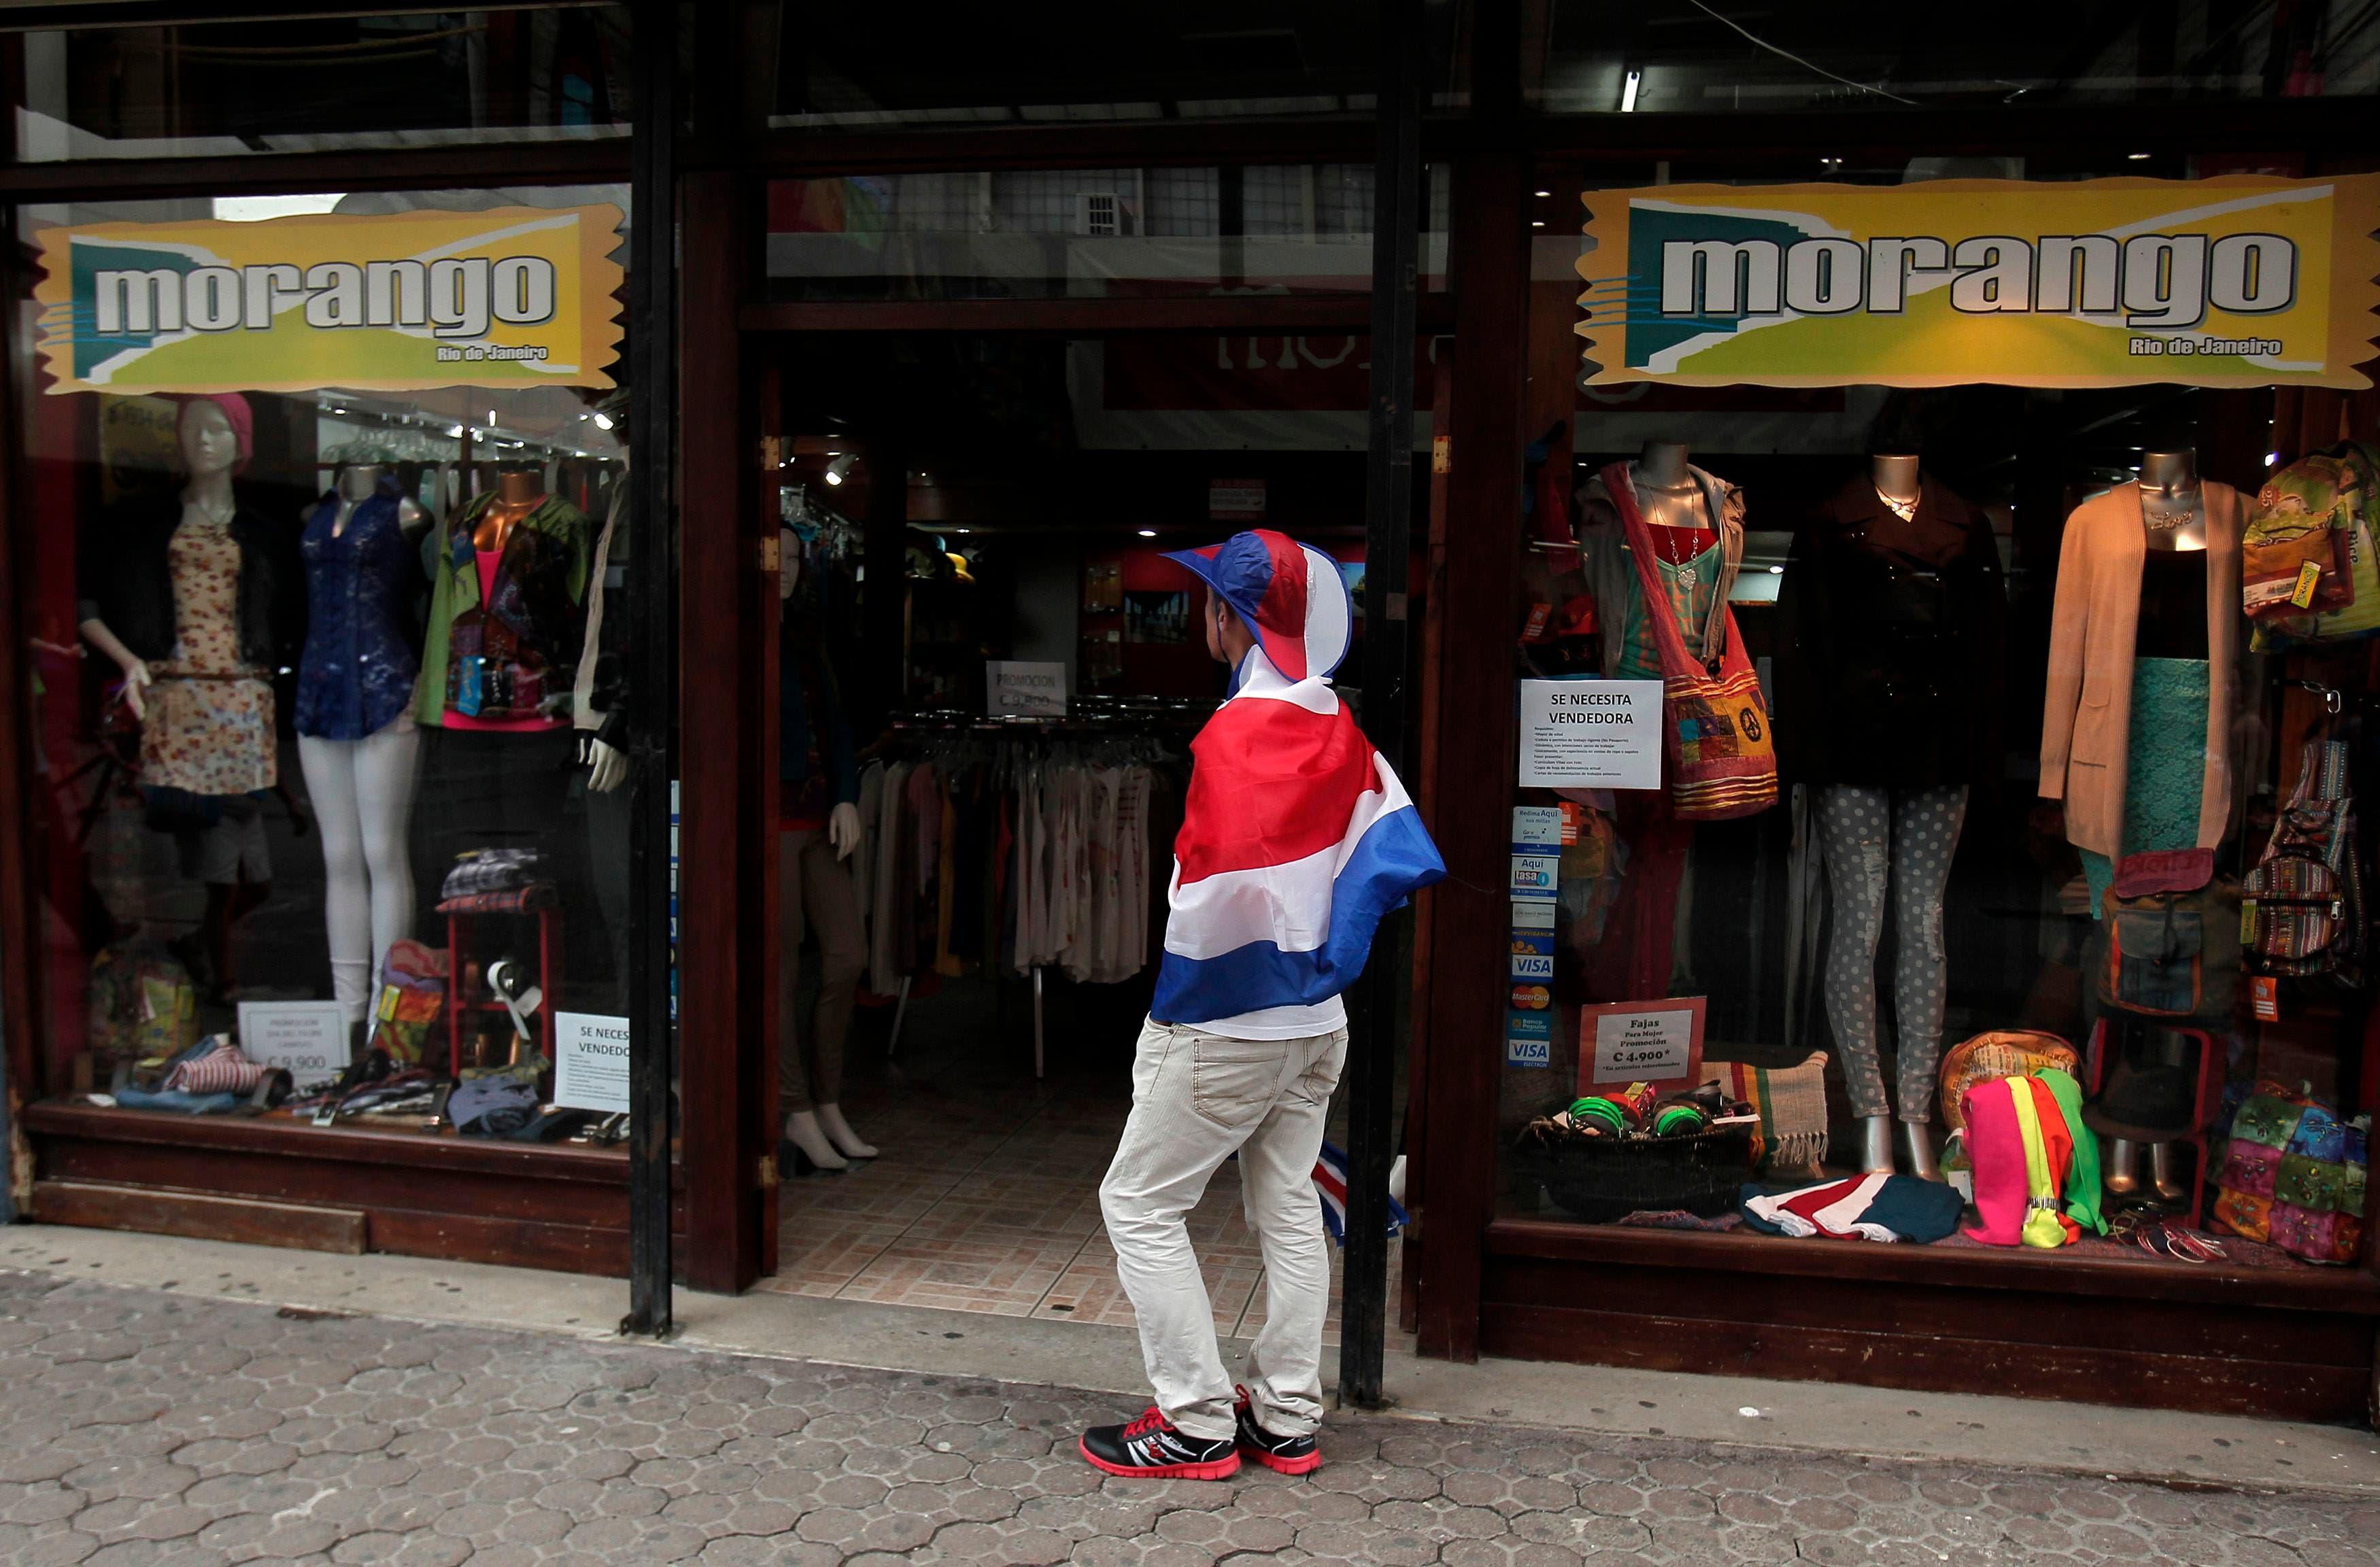 التأهل وحده يمنح فقراء كوستاريكا البهجة